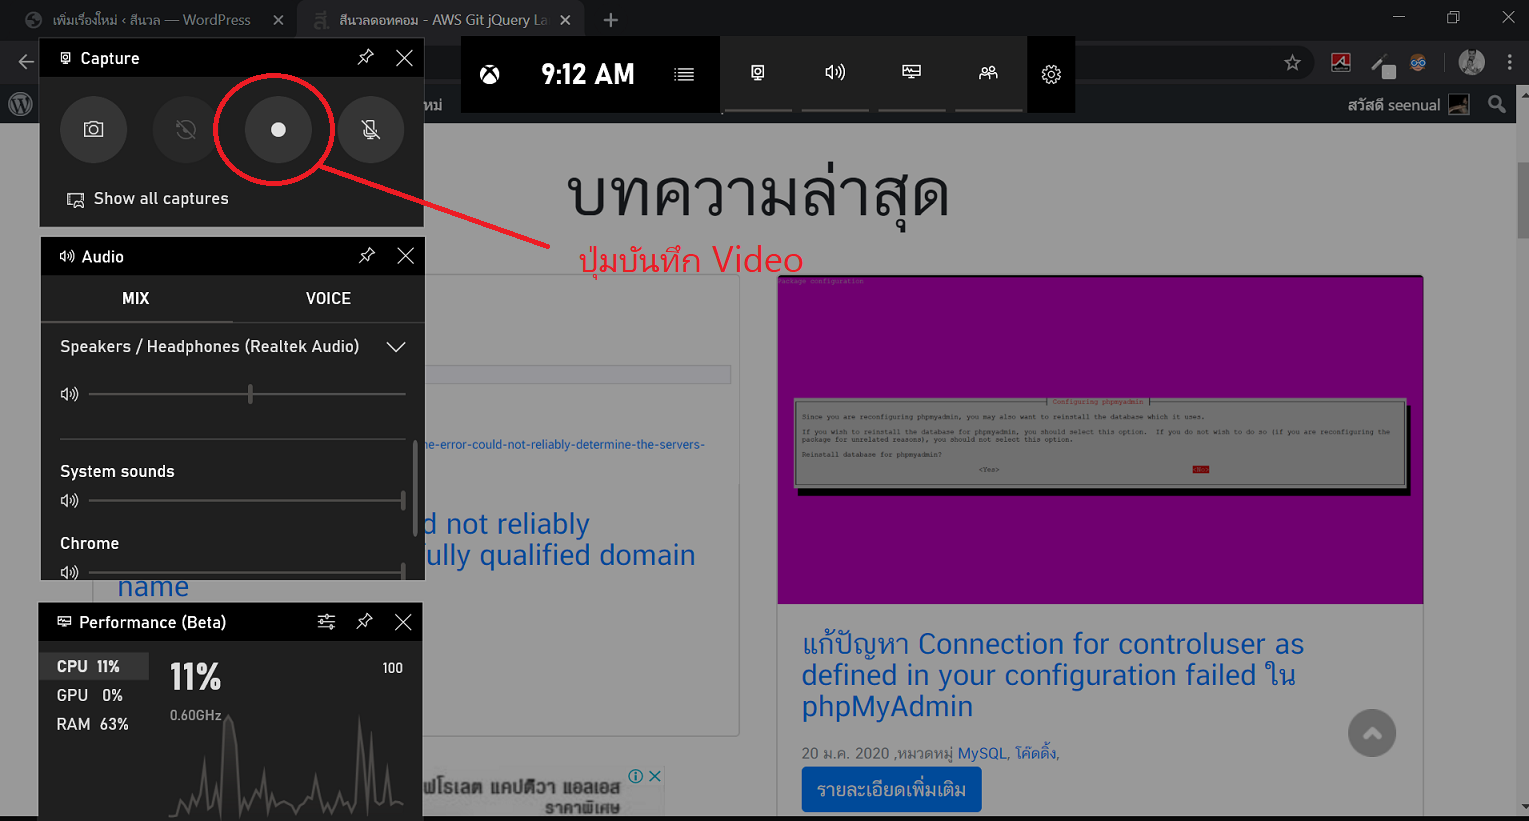 วิธีบันทึกวิดีโอหน้าจอใน Windows 10 ฟรี โดยไม่ต้องลงโปรแกรมเพิ่ม